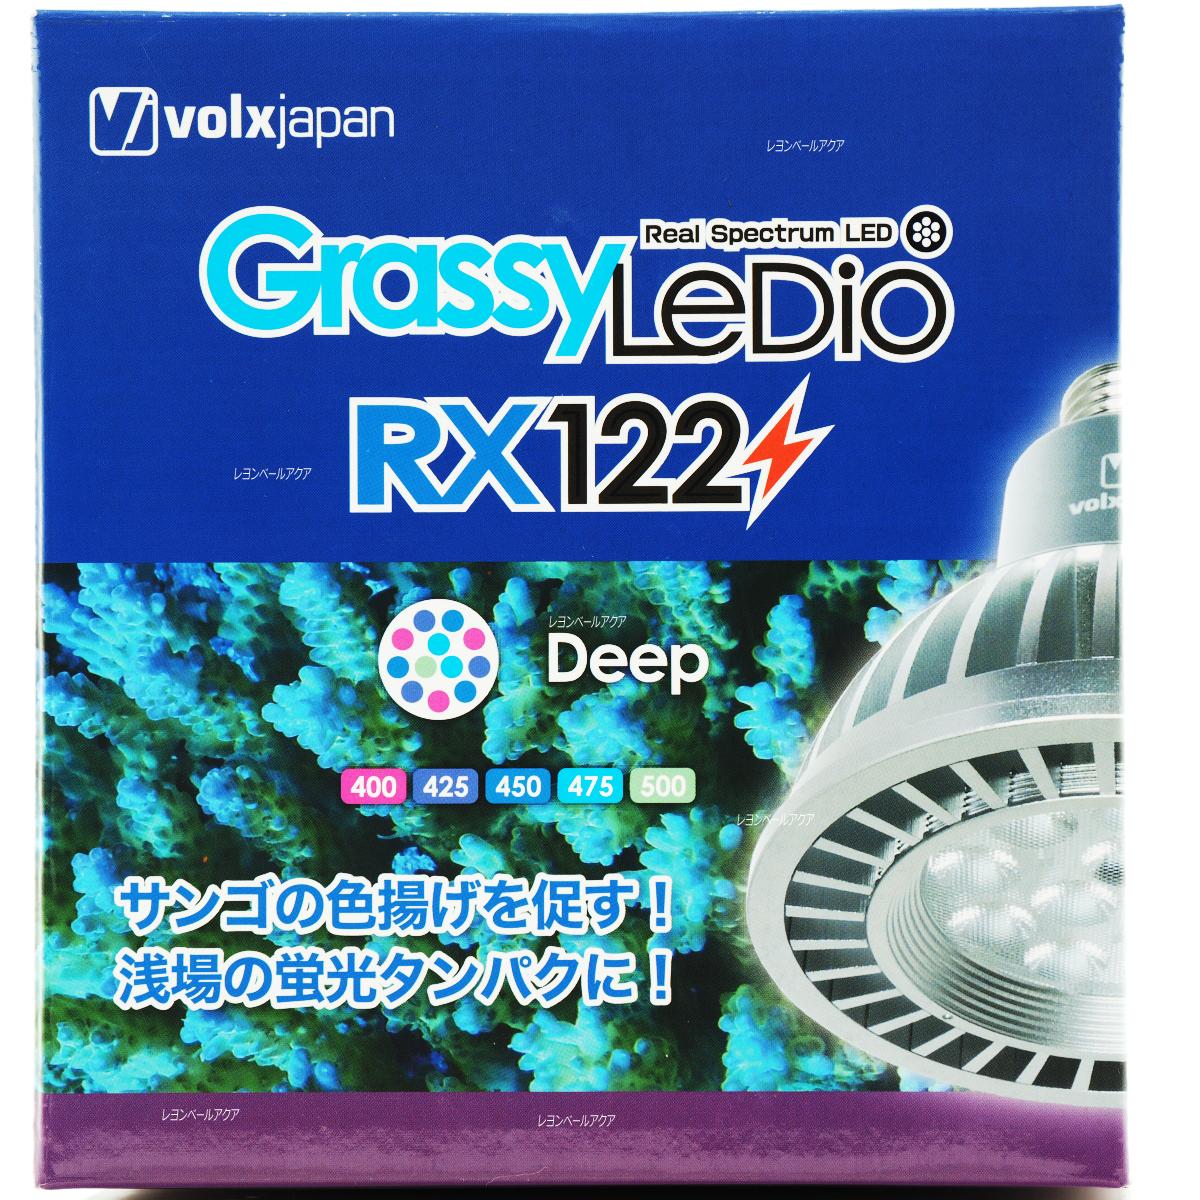 ボルクスジャパン グラッシーレディオ RX122 ディープ 【在庫有り】-